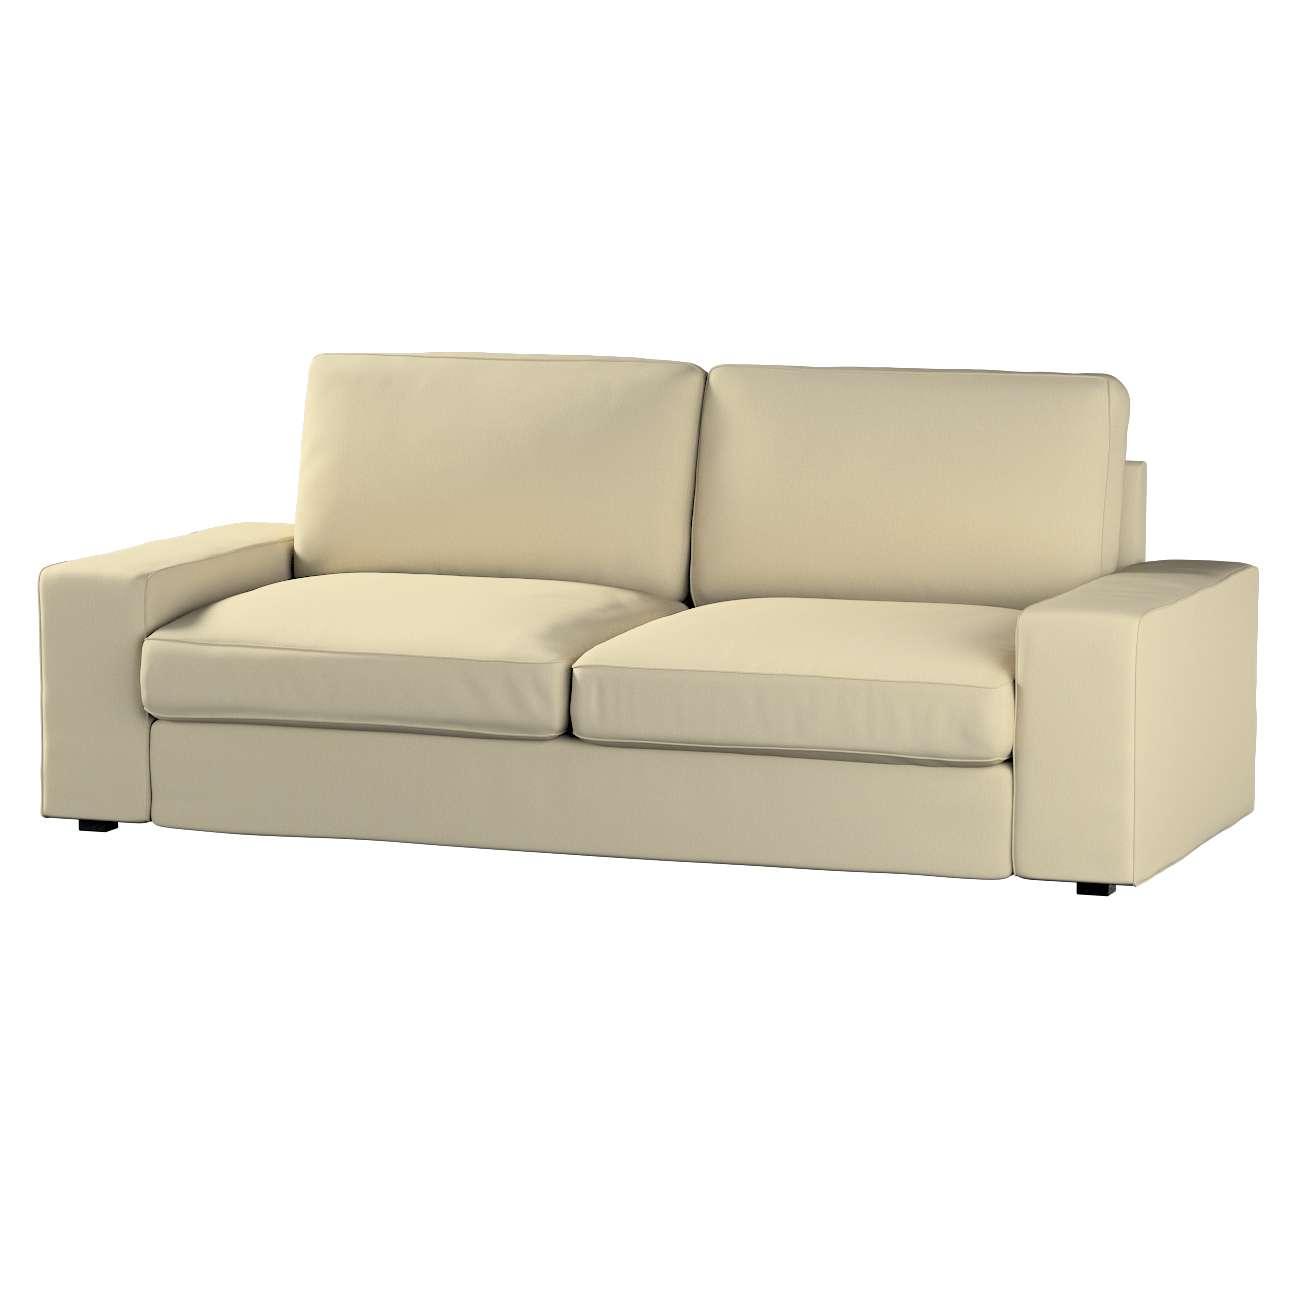 Pokrowiec na sofę Kivik 3-osobową, rozkładaną Sofa Kivik 3-osobowa rozkładana w kolekcji Chenille, tkanina: 702-22